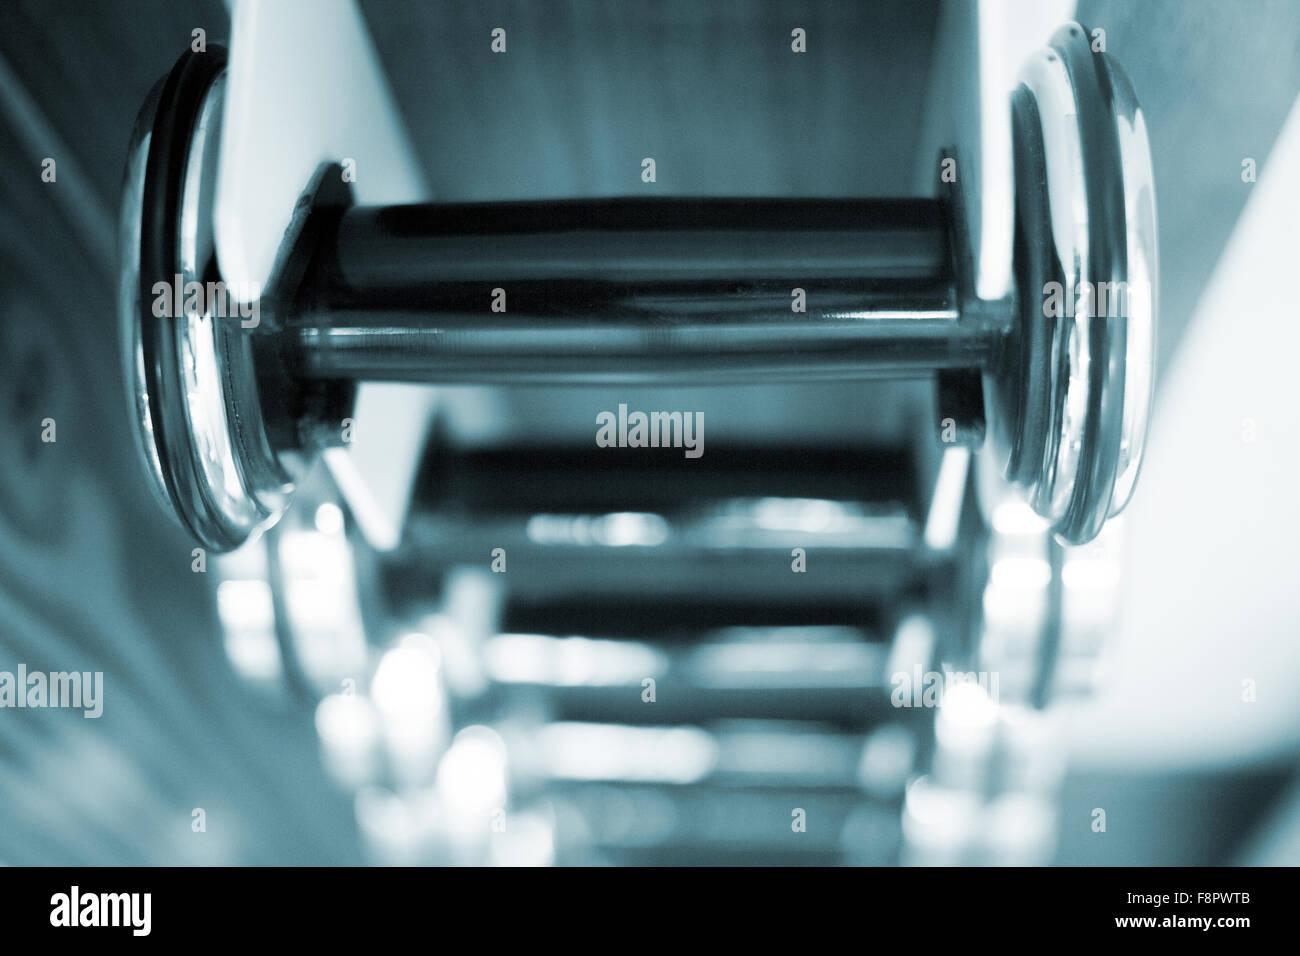 Les Haltères fitness poids métalliques dans la salle d'exercice dans la salle de fitness club de remise Photo Stock